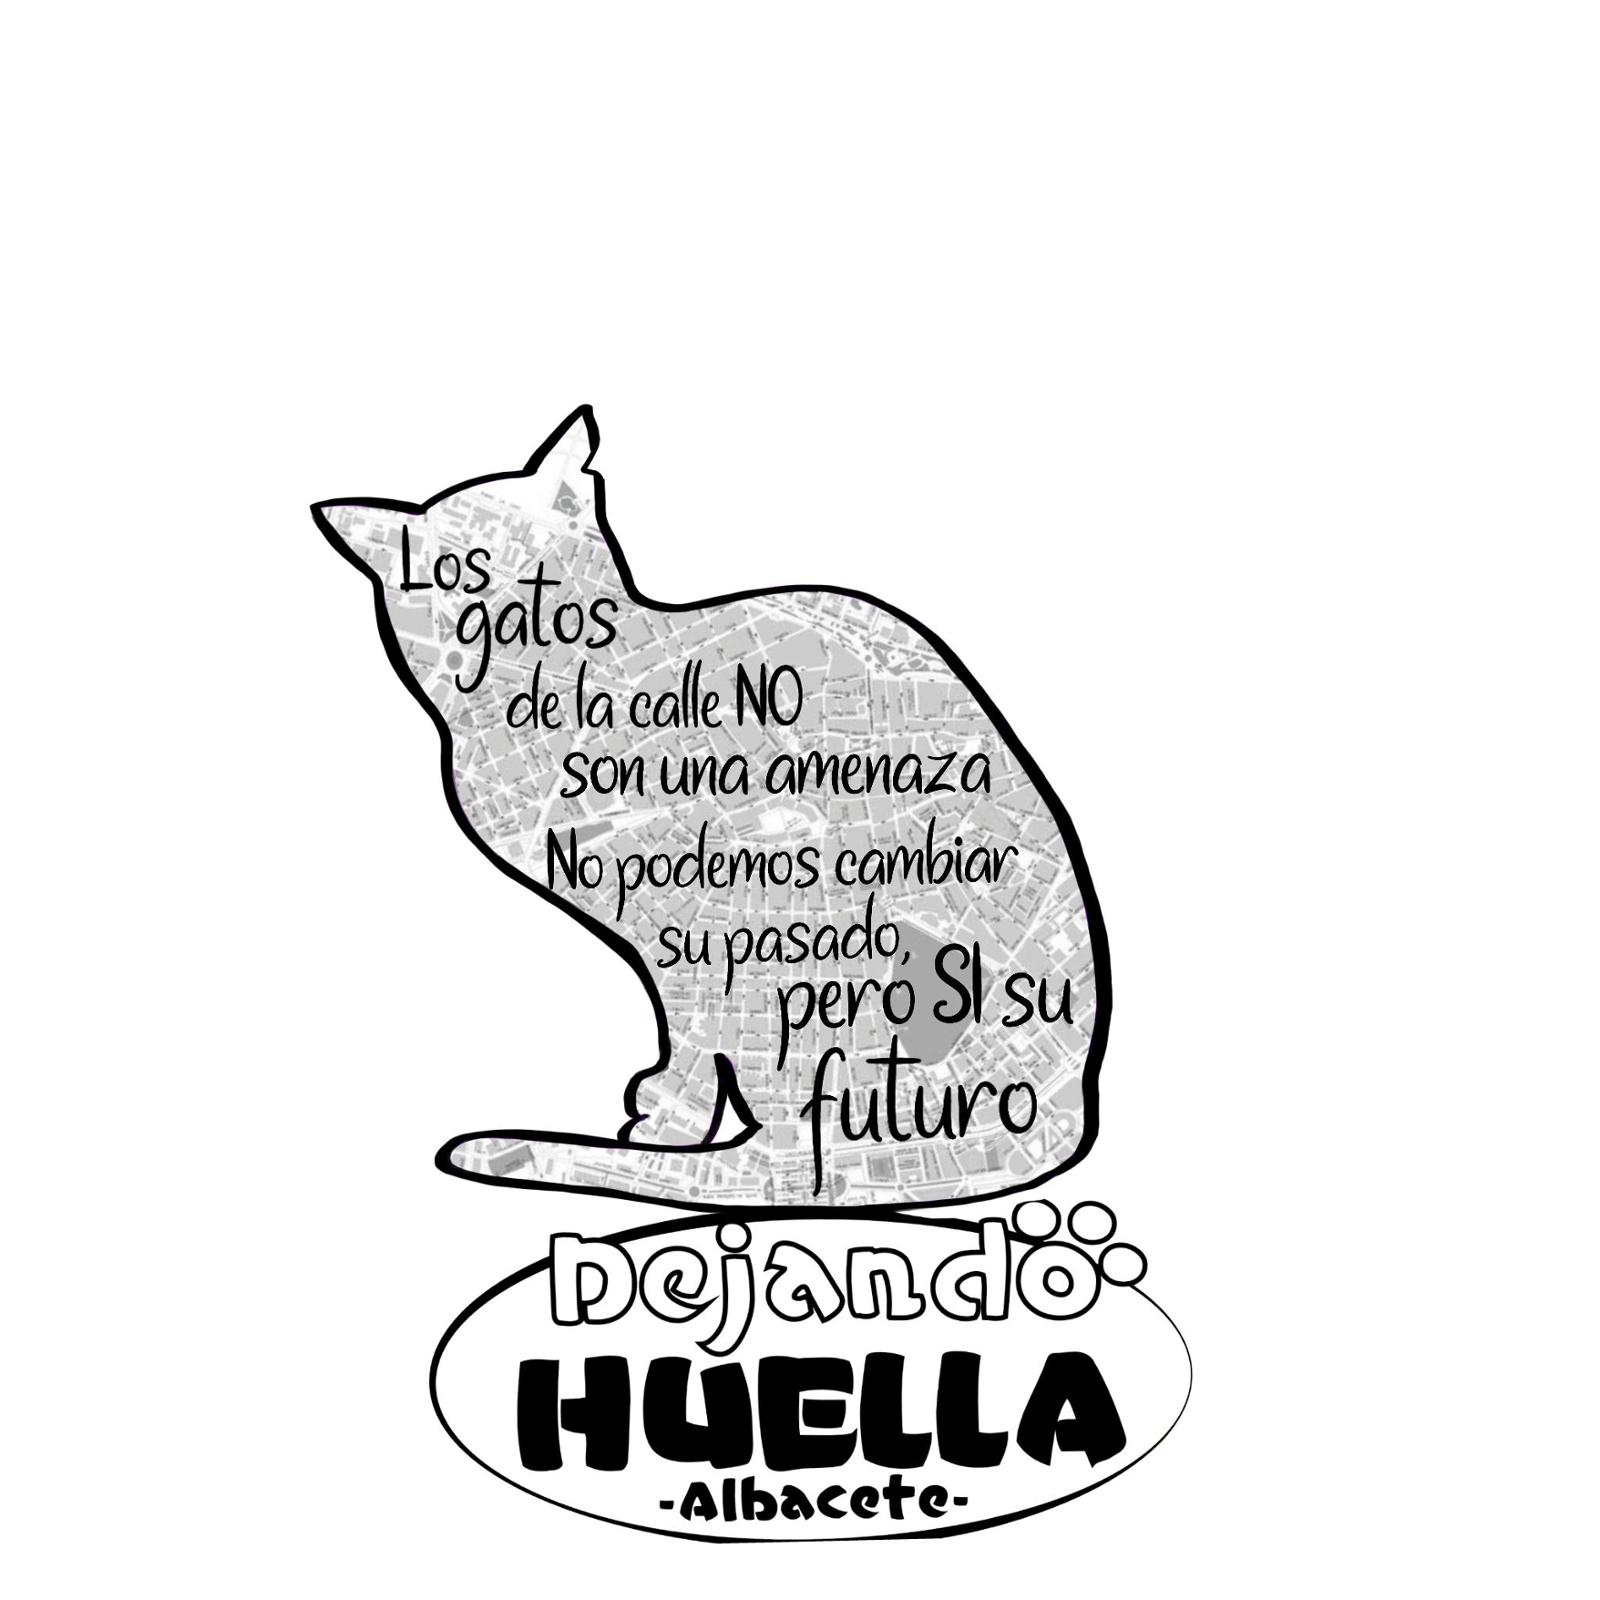 Colonias Felinas Dejando Huella Albacete